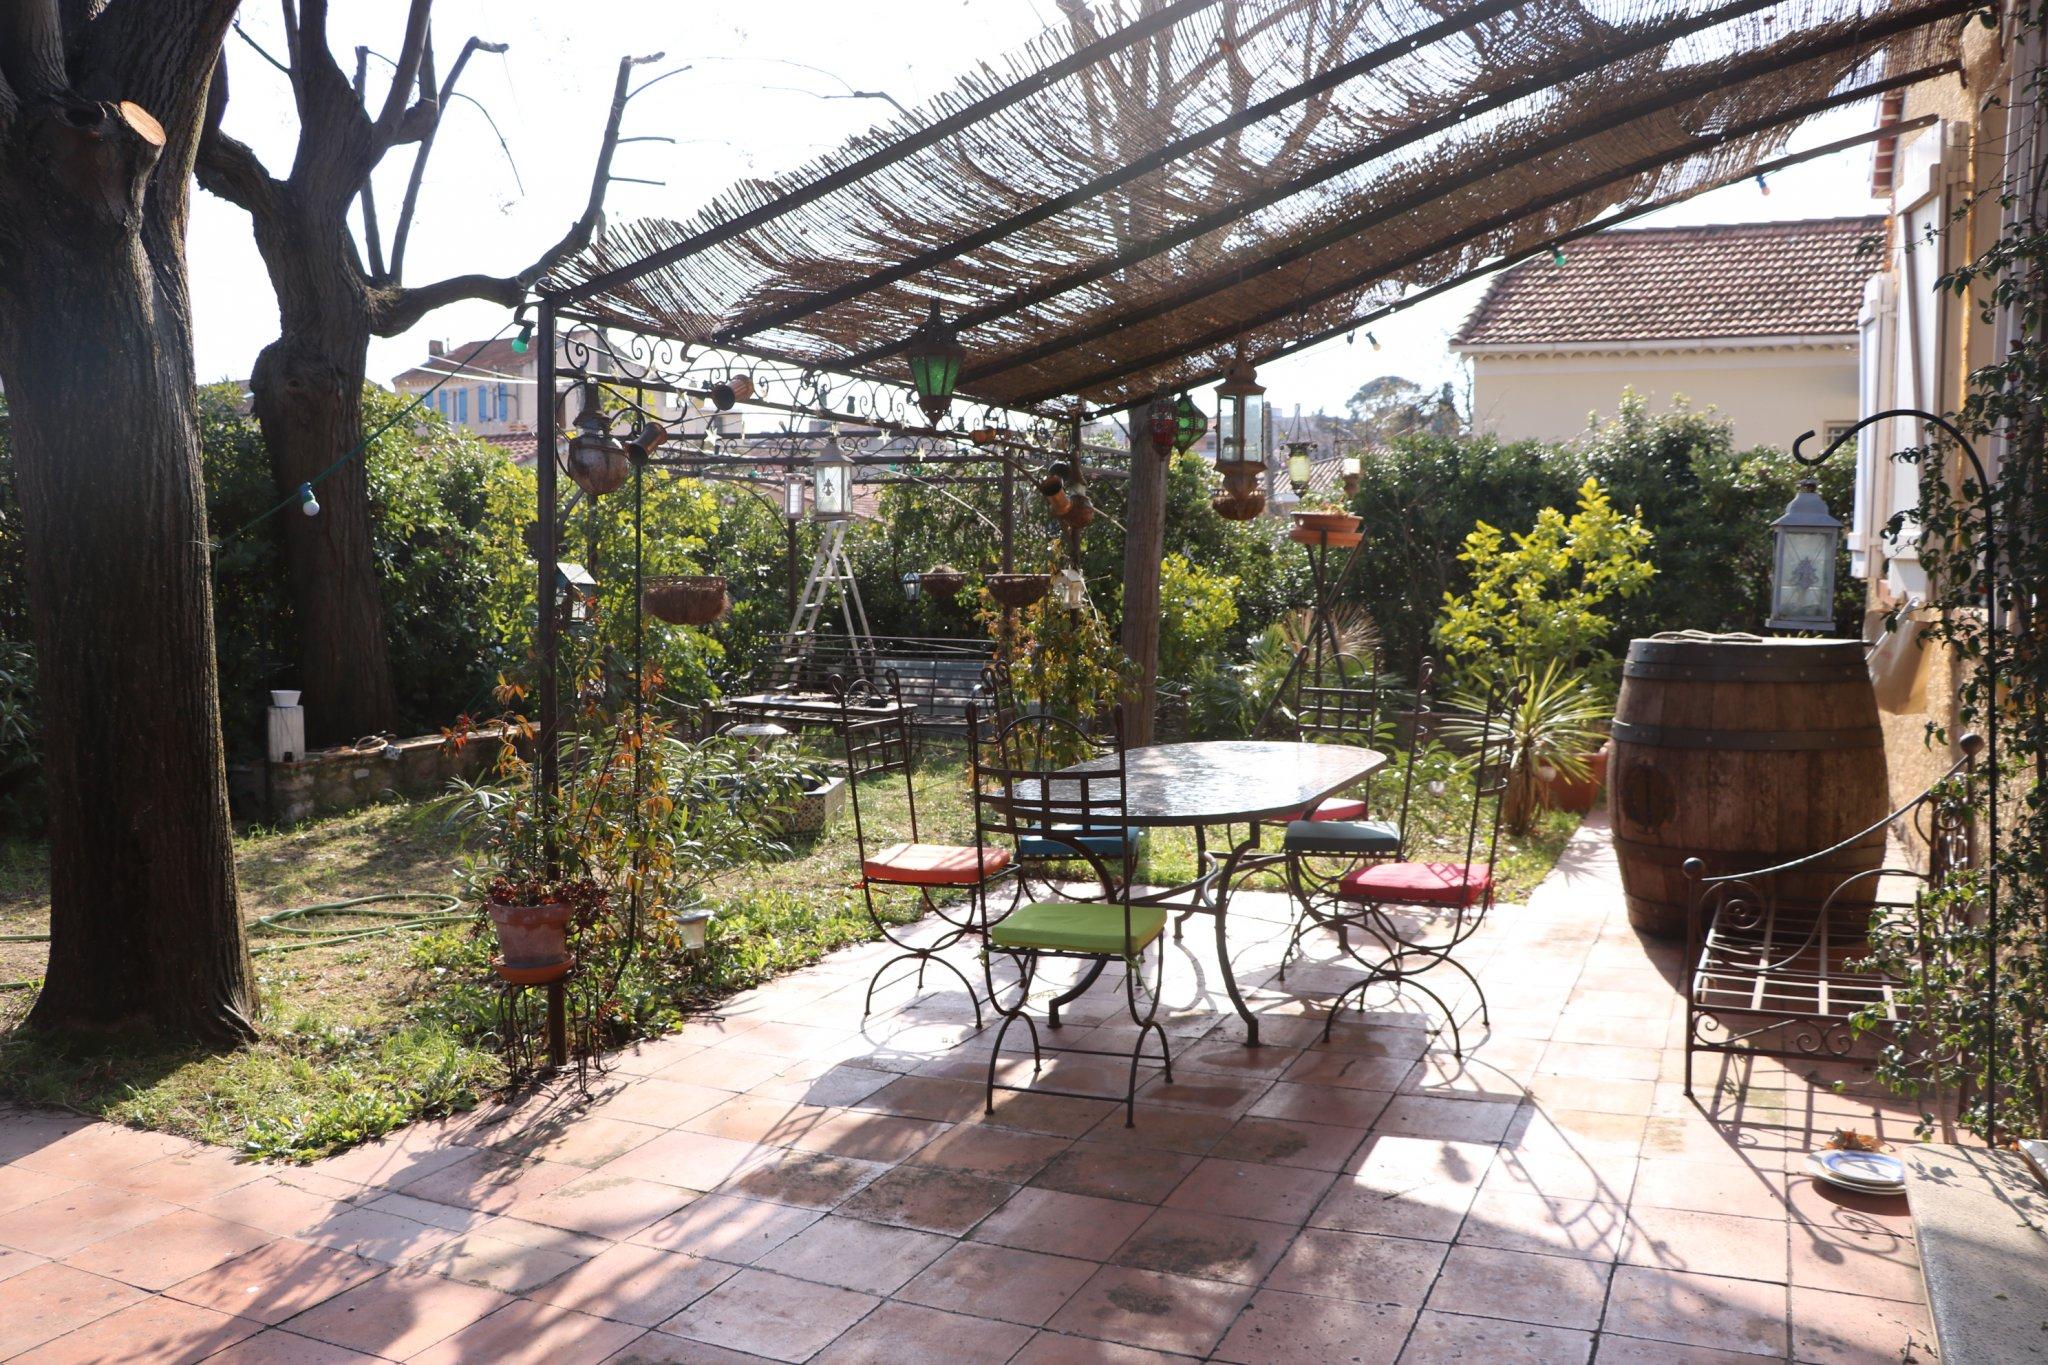 Vente achat maison villa toulon 83000 for Agence de vente